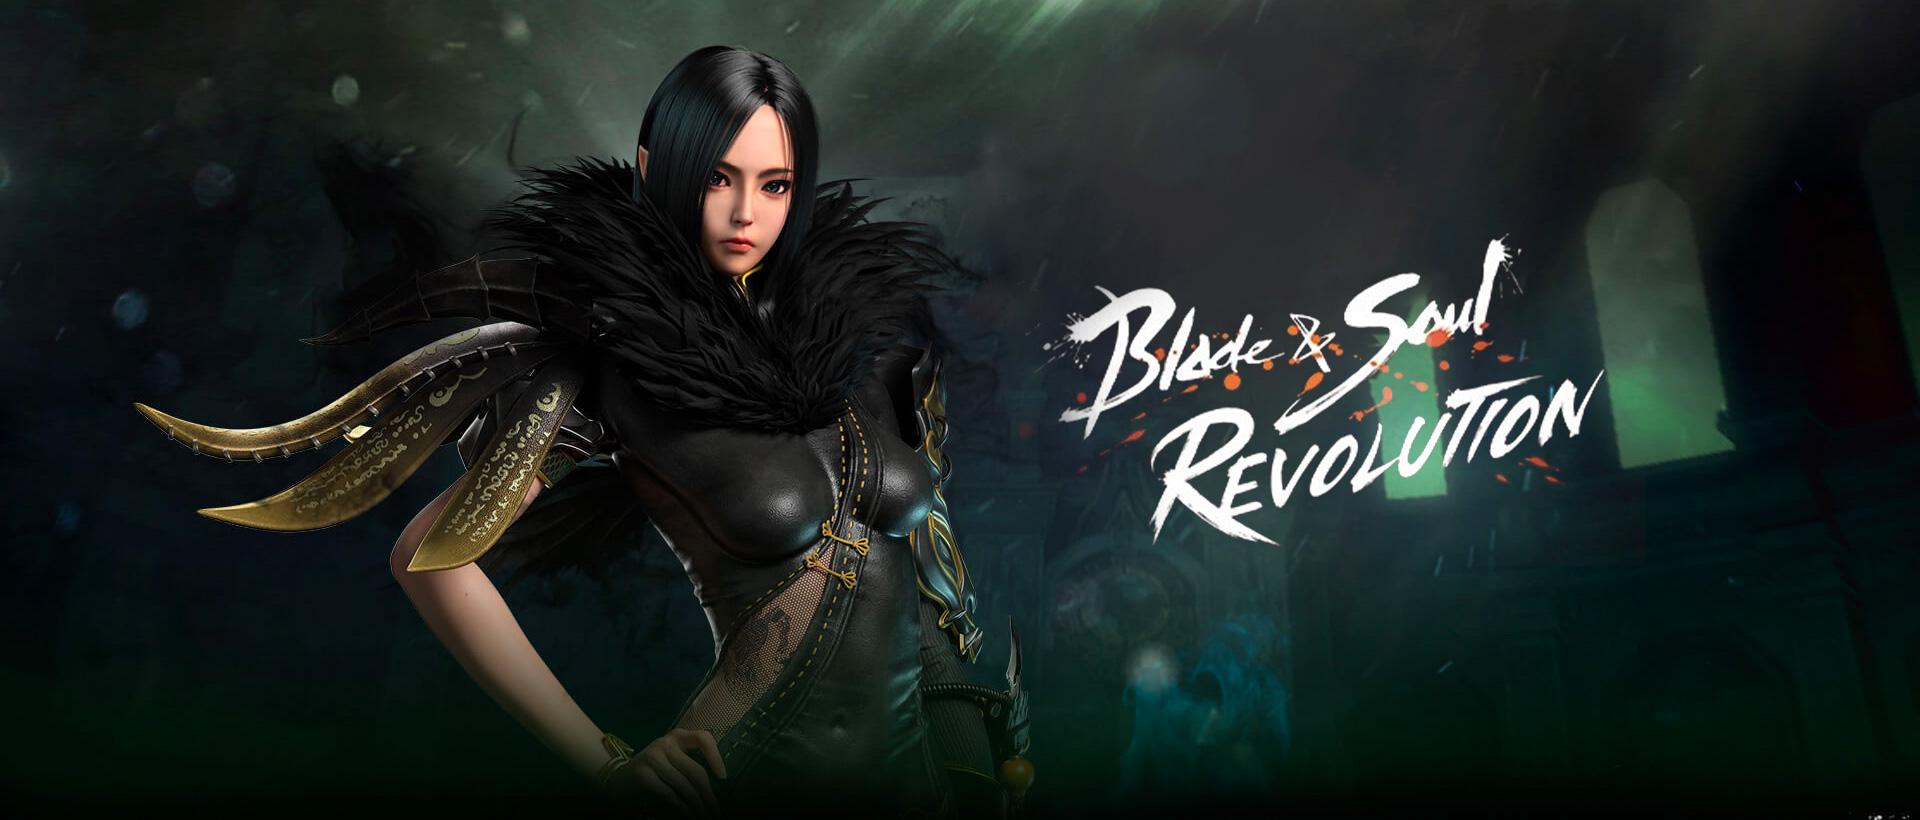 'หุบเขามังกรผงาด' ใน Blade&Soul Revolution